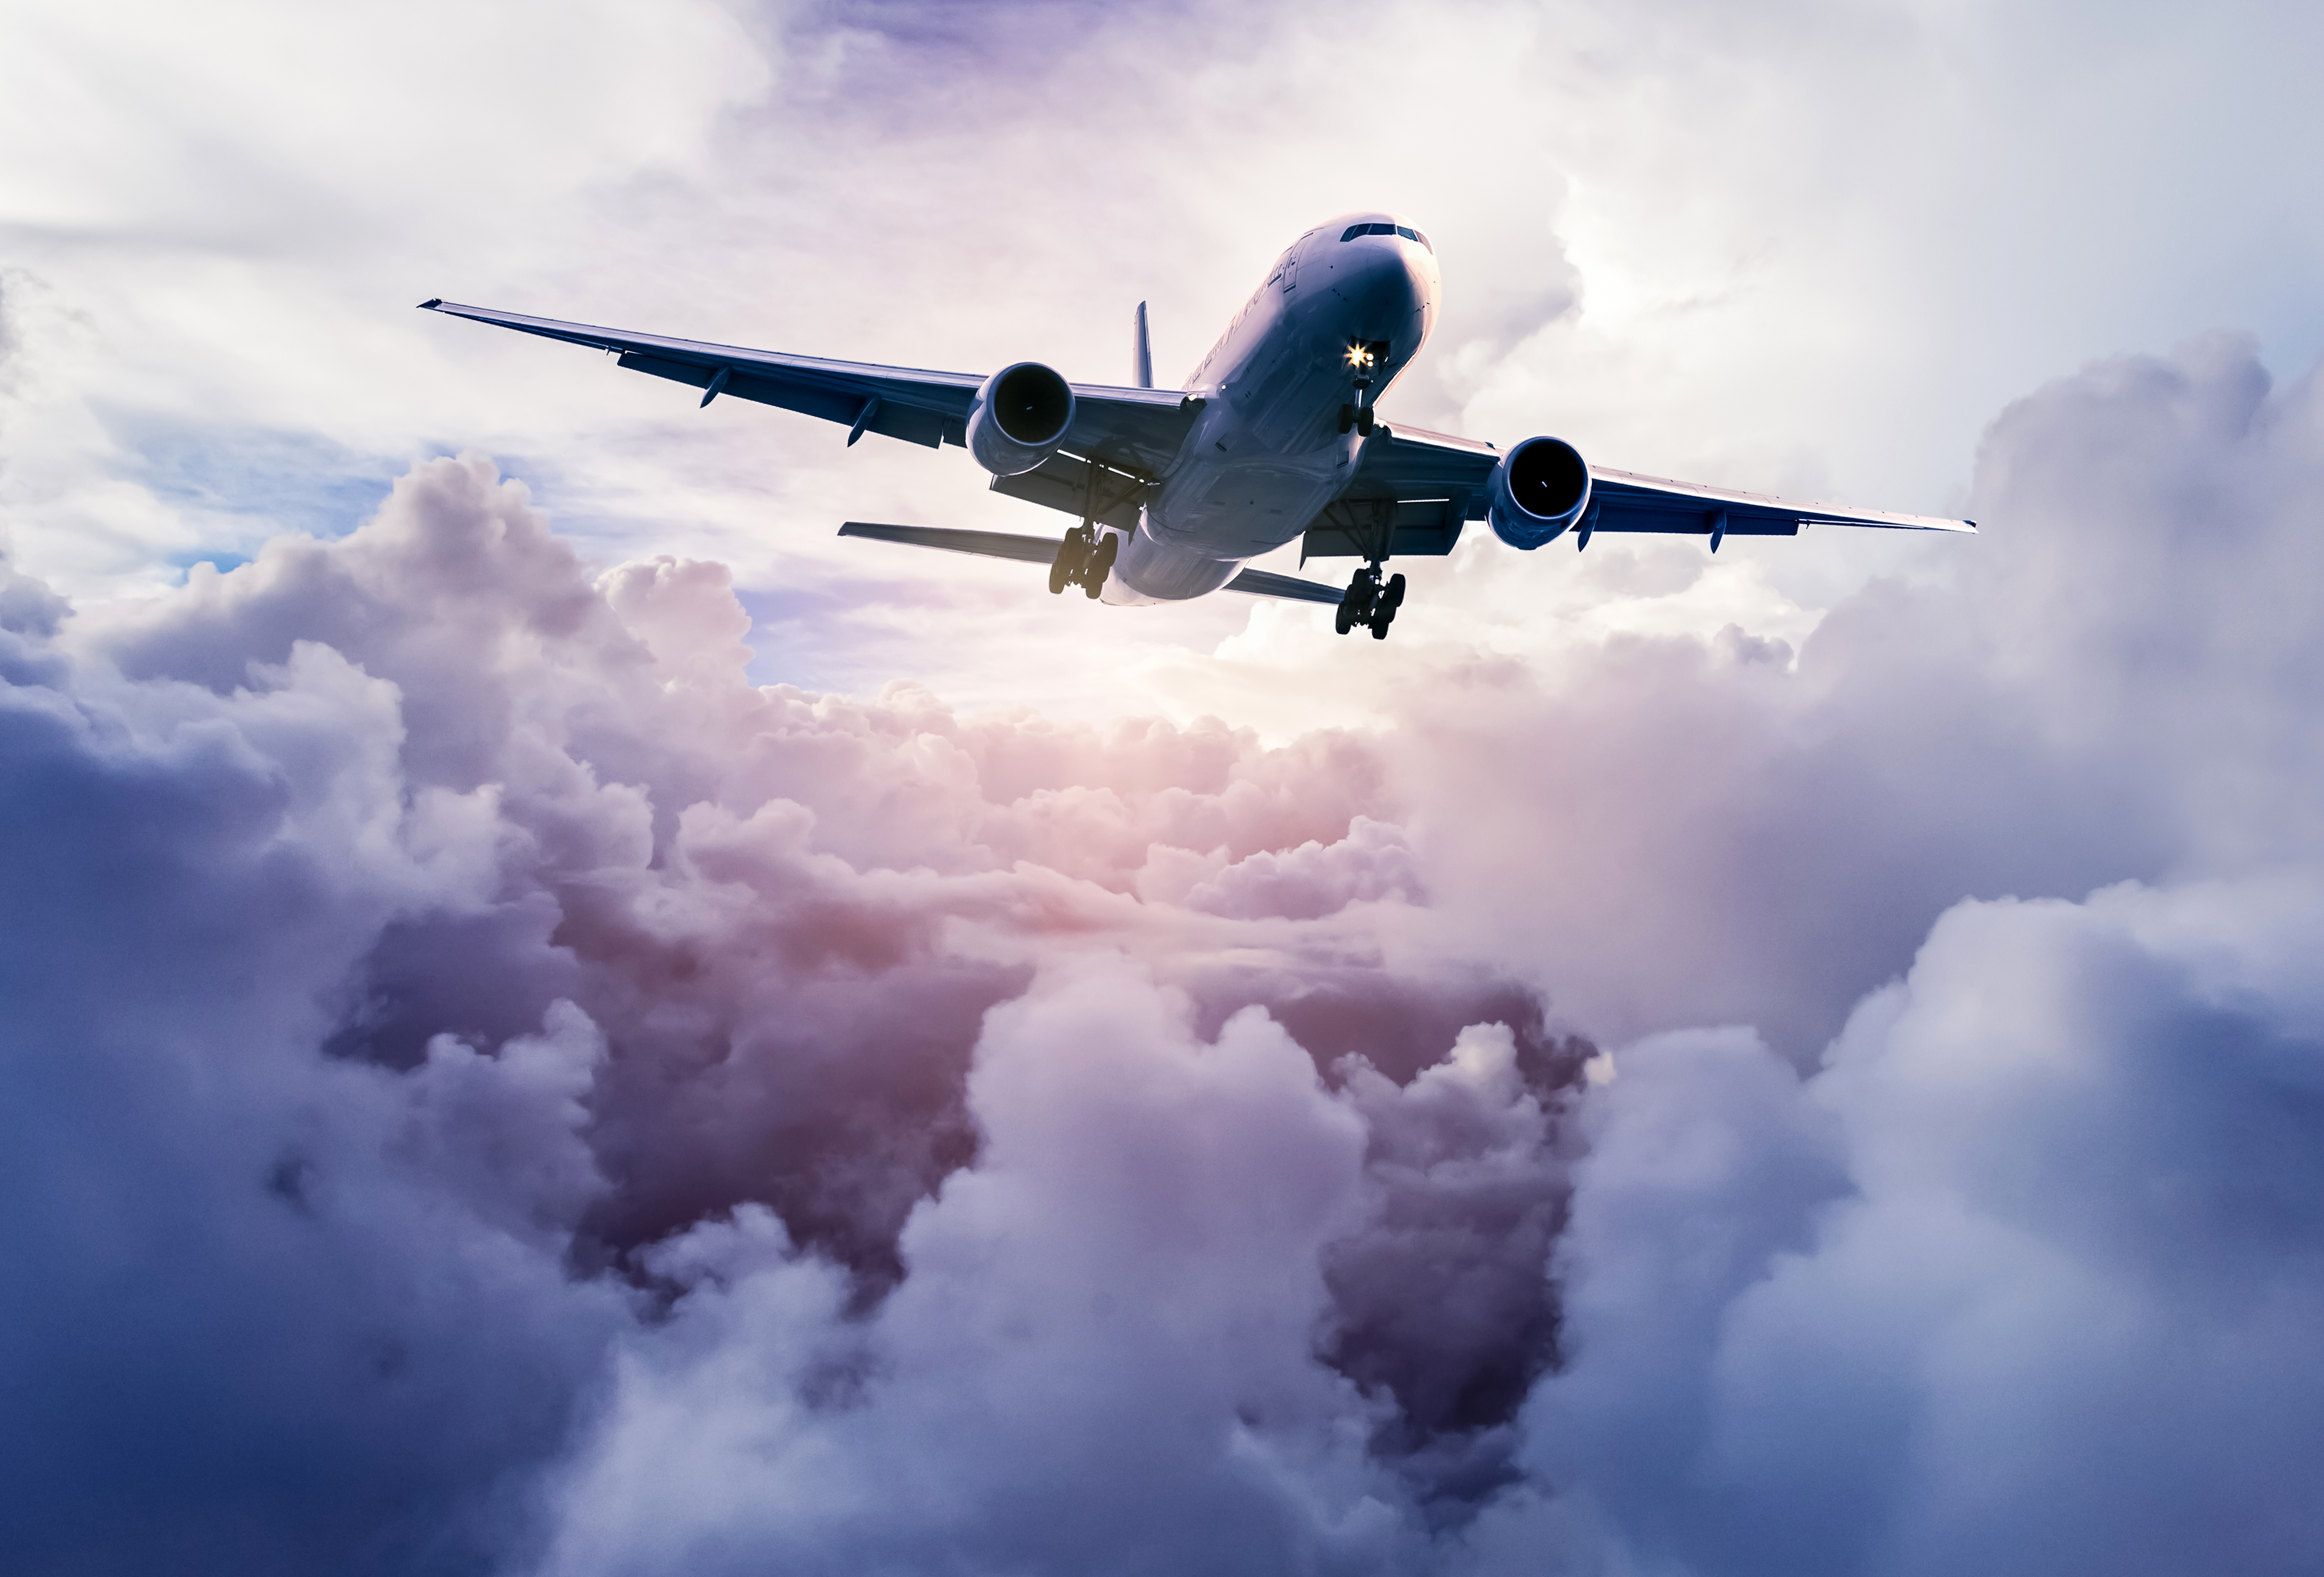 Искры, полет, огонь, вертолет, небо, самолет  № 3749087 загрузить